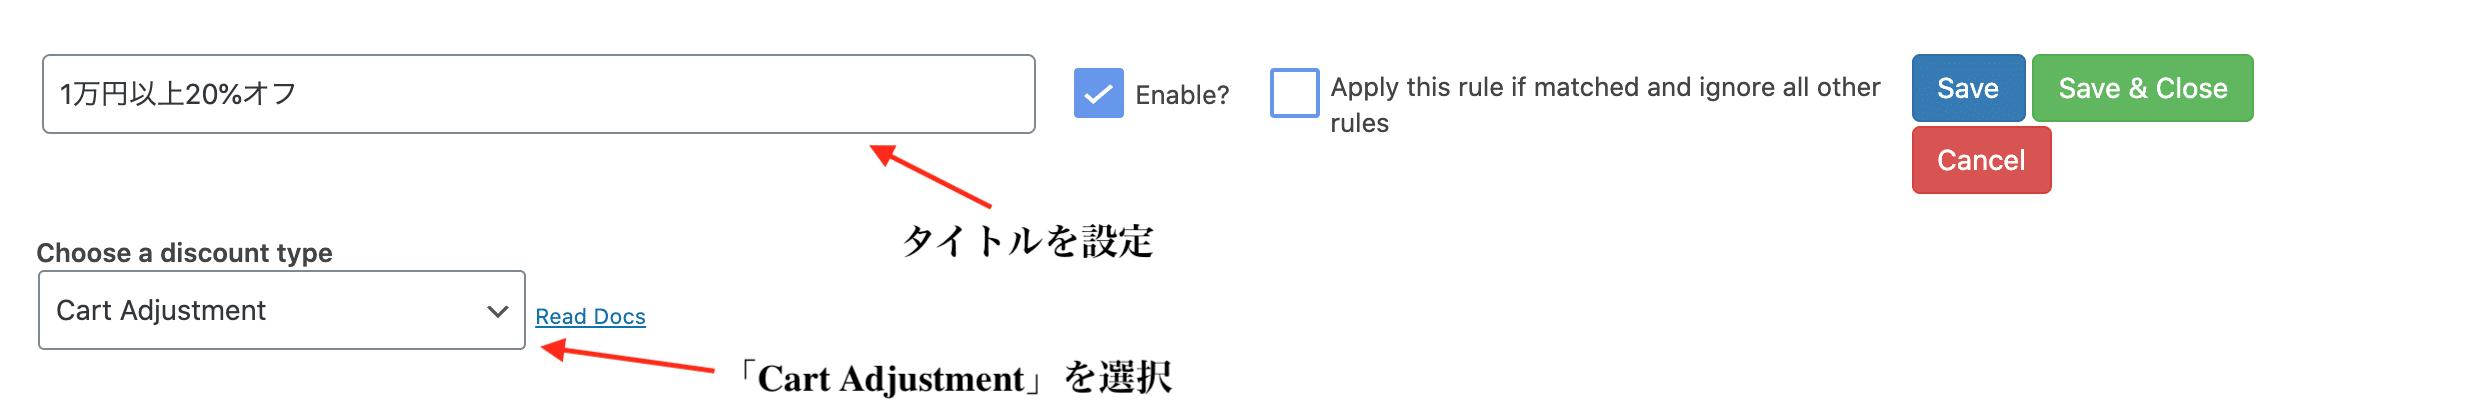 1万円以上20オフの割引を設定する